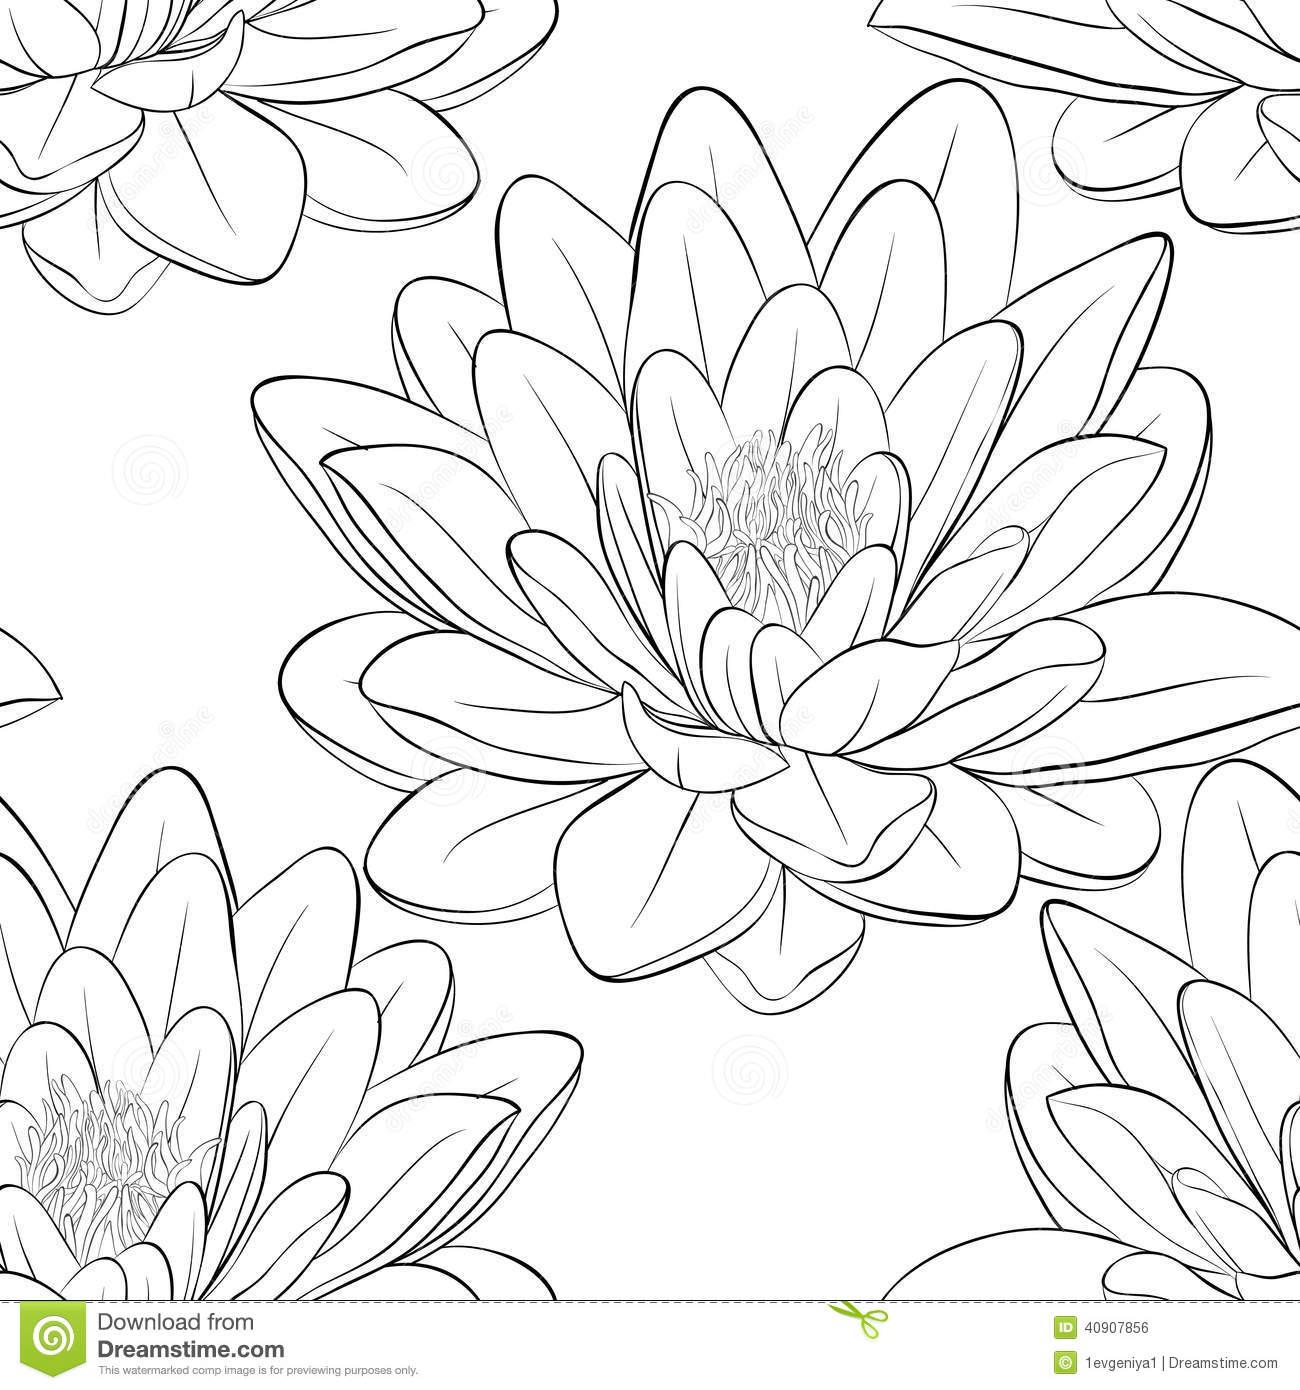 Drawn lotus  Outline black Japanese drawing